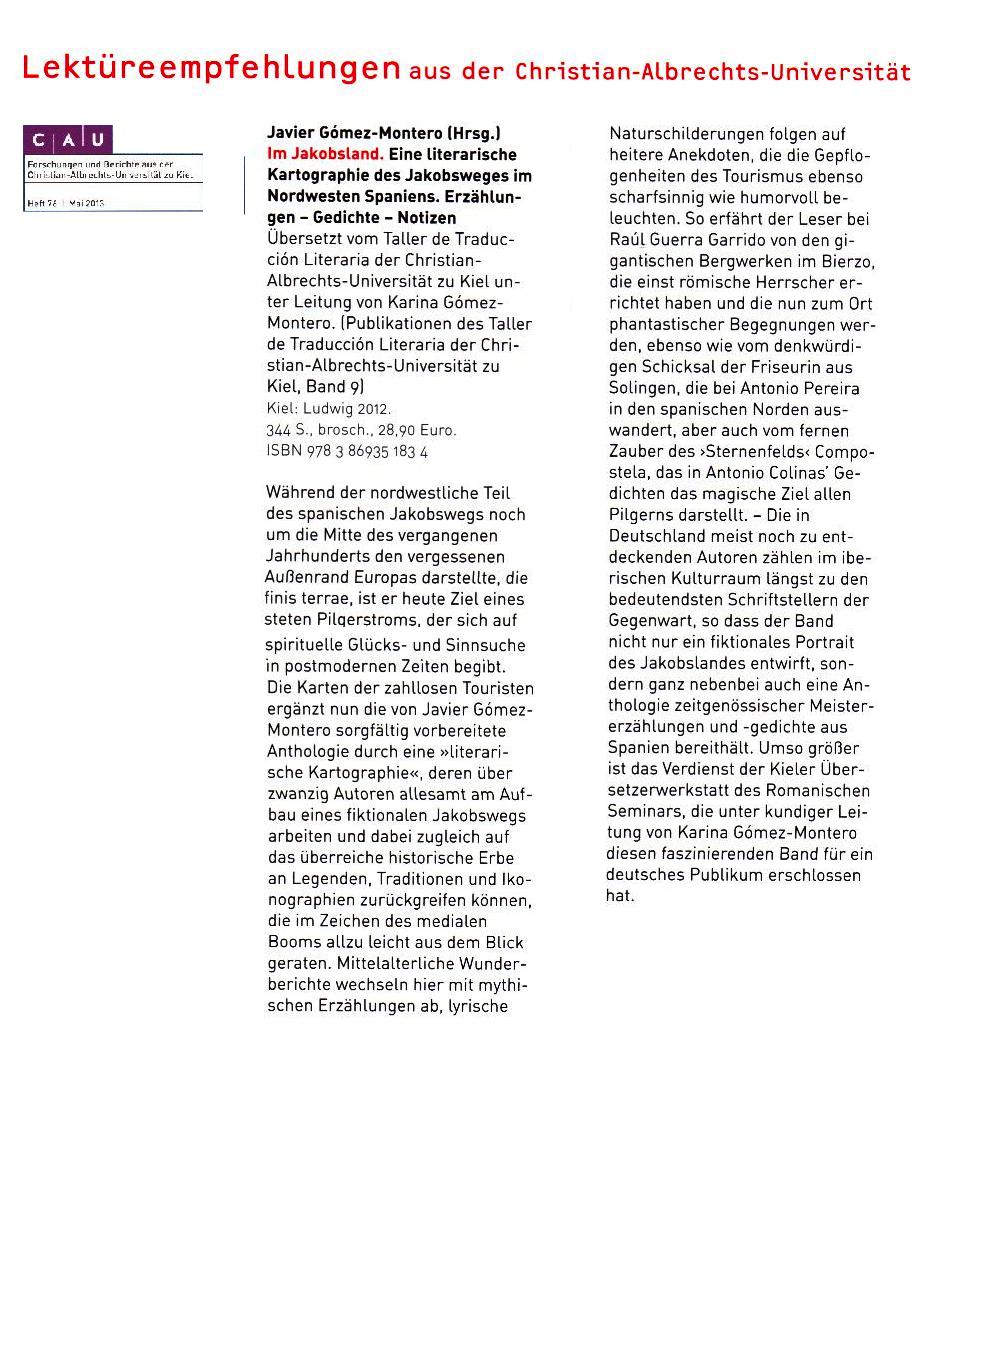 Niedlich Literaturische Rezension Bilder - FORTSETZUNG ARBEITSBLATT ...